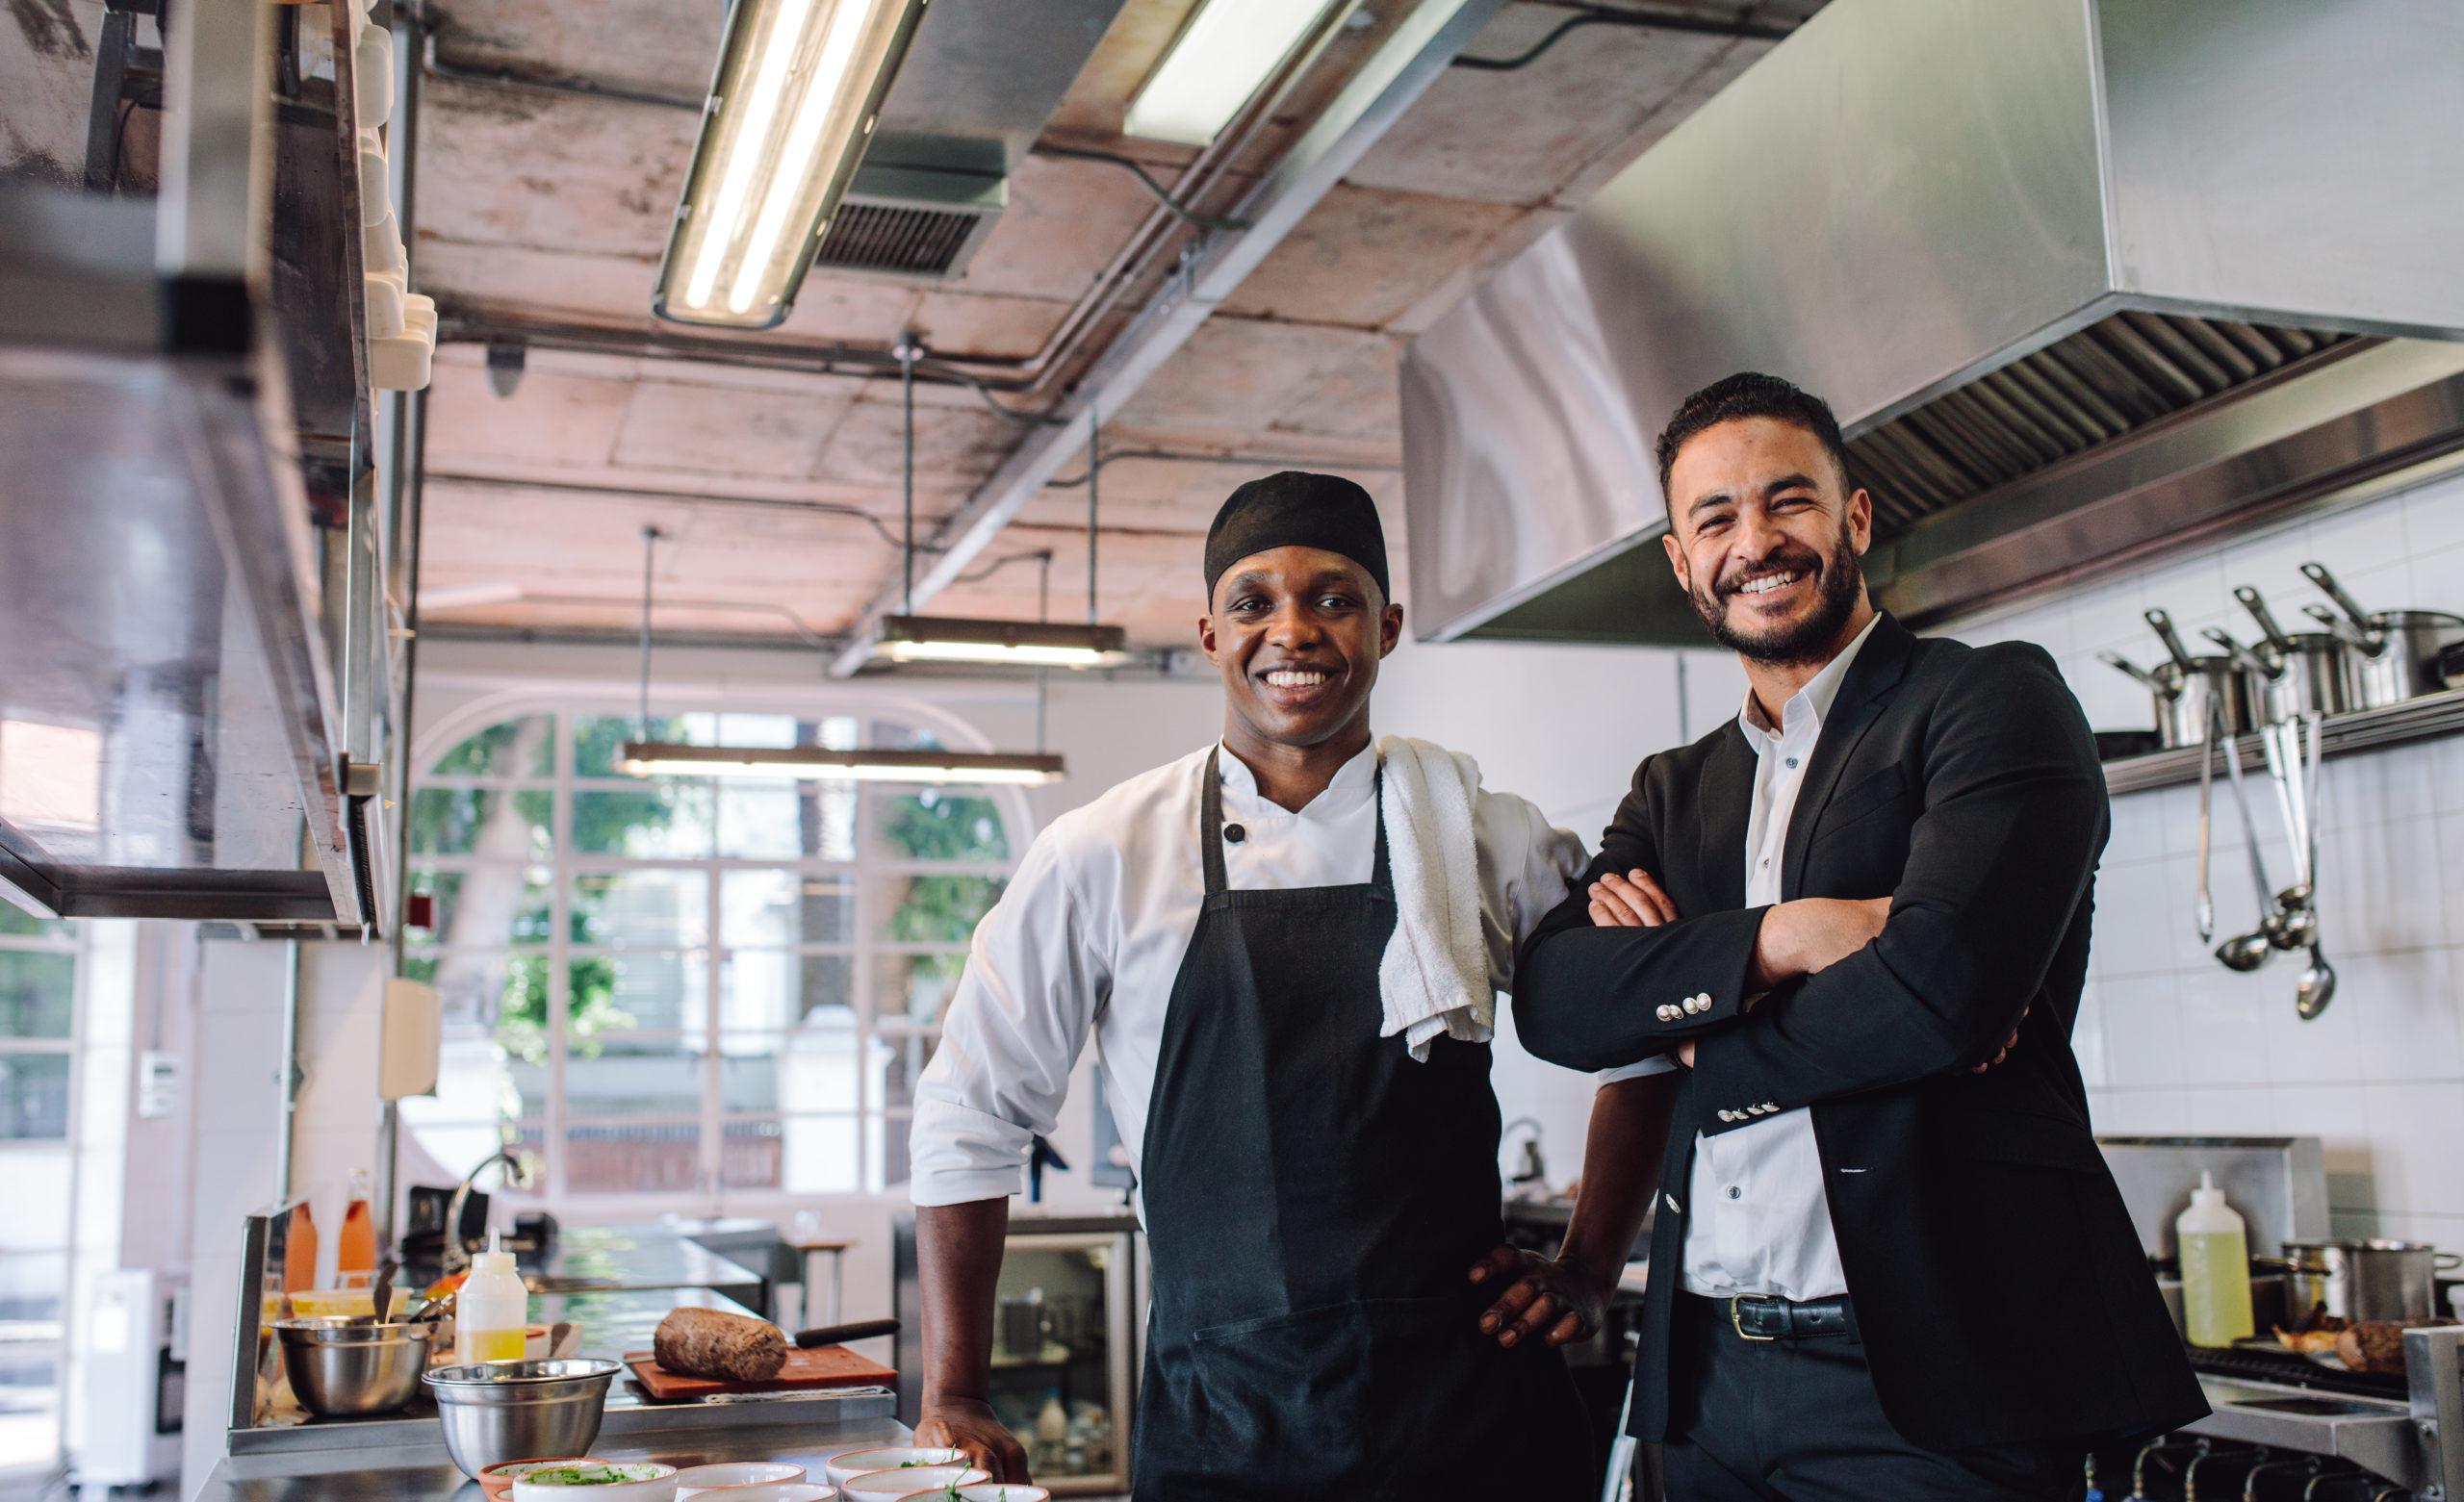 happy restaurant workers